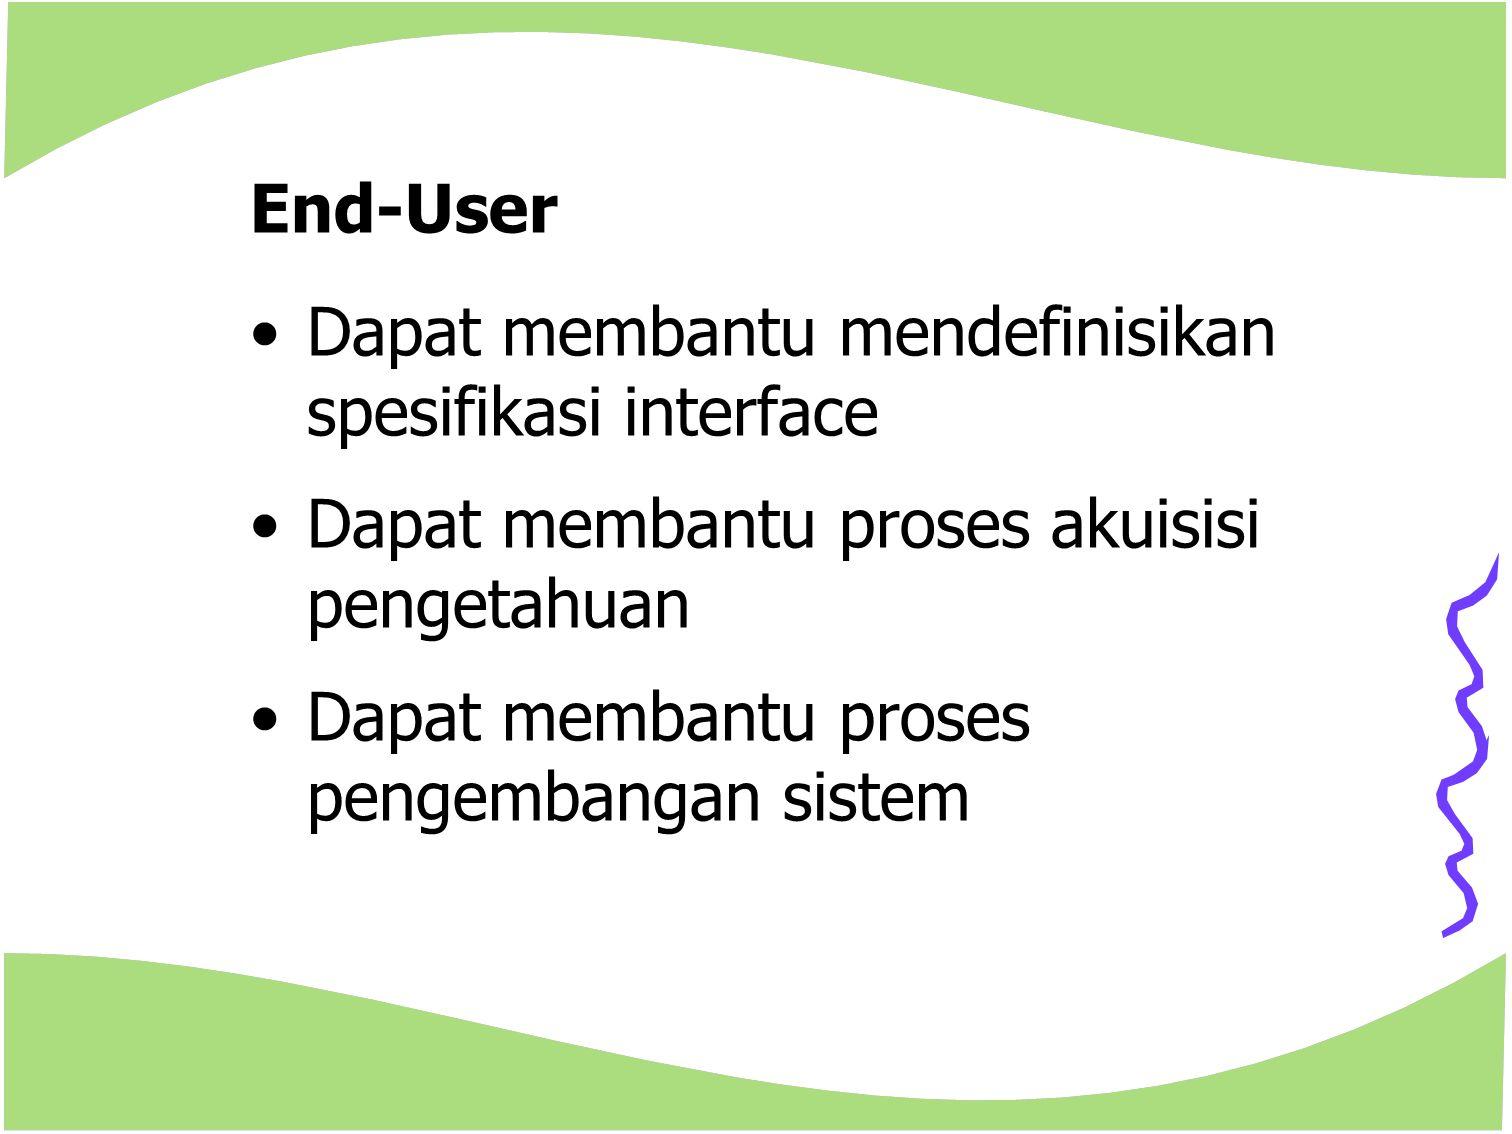 End-User Dapat membantu mendefinisikan spesifikasi interface. Dapat membantu proses akuisisi pengetahuan.